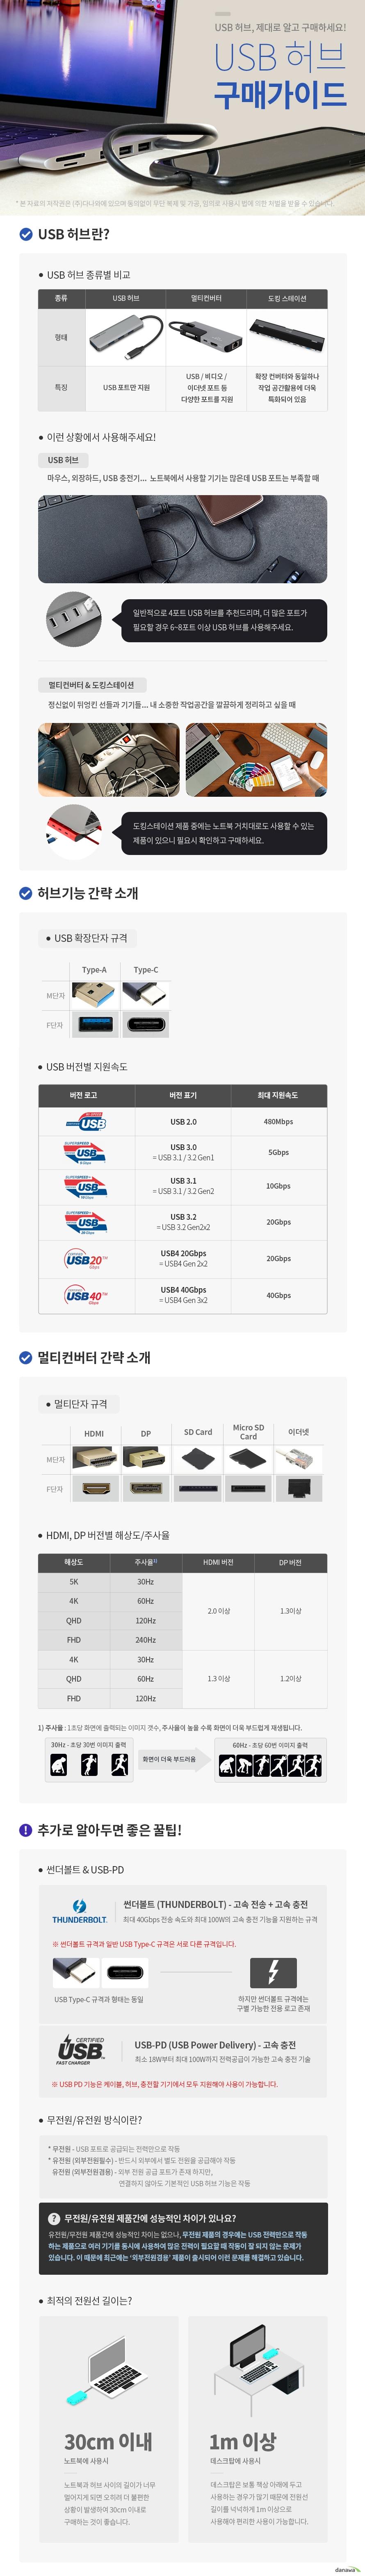 라이트컴 COMS FW598 (3포트/USB 3.0 Type C/멀티포트)